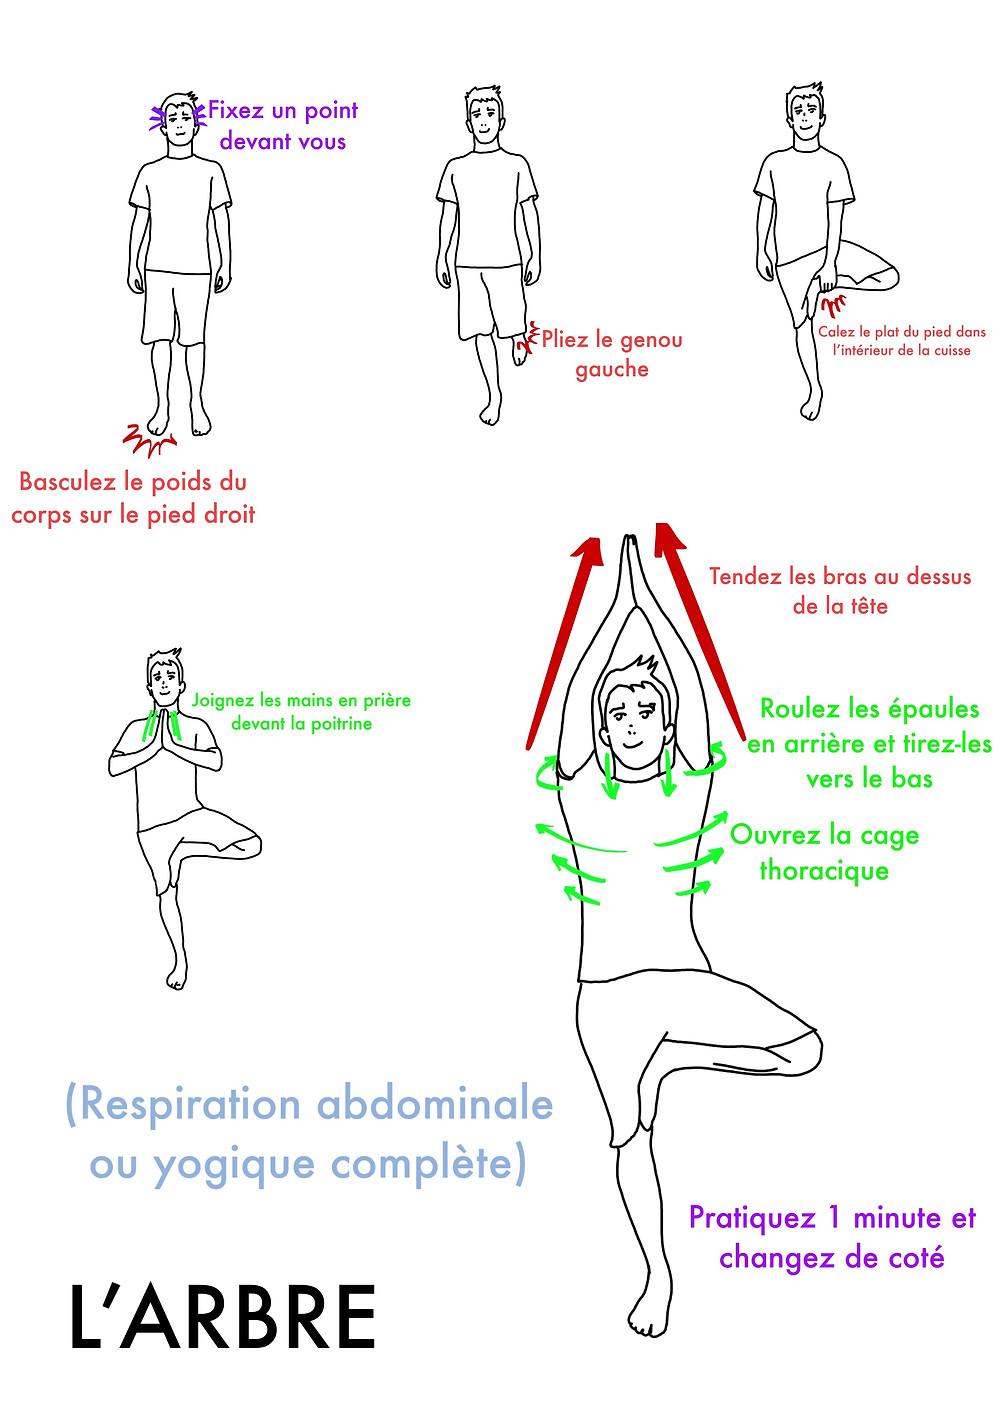 Cours de Yoga en ligne : la posture de l'Arbre - www.yogawebacademie.fr